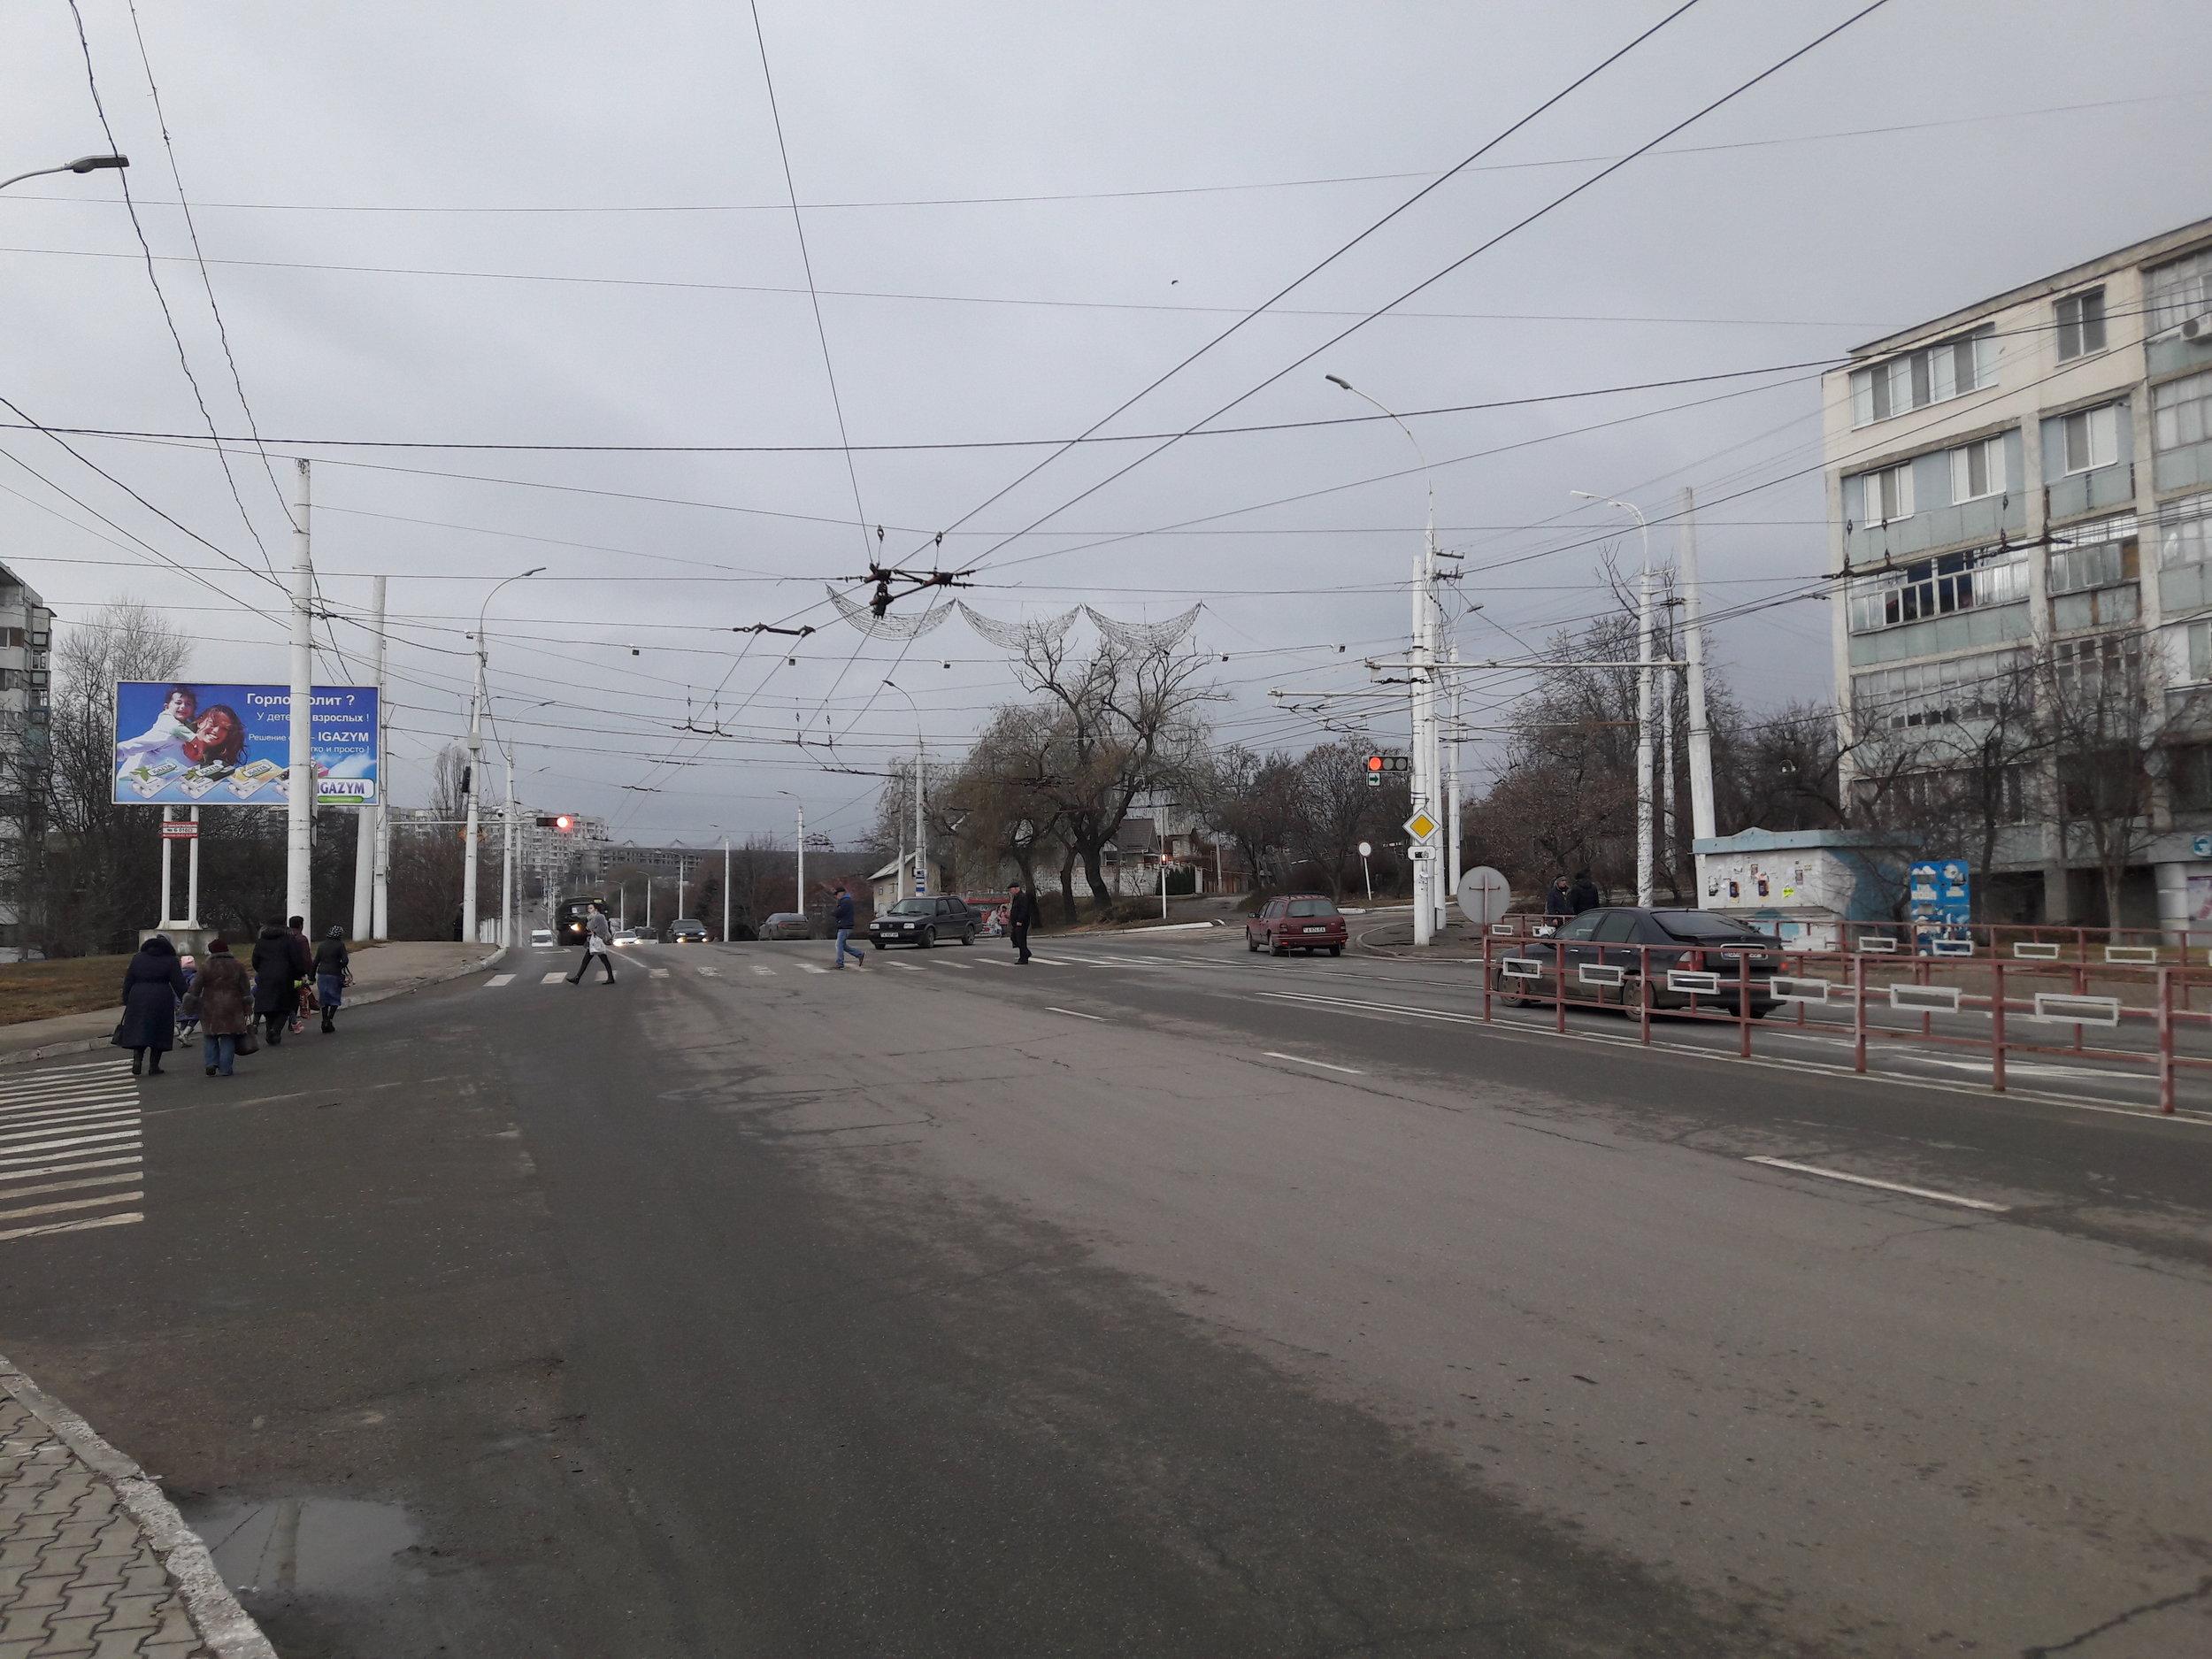 Rozvětvení linky č. 1 a snímky z cesty na její konečnou Aptěka (v mikrorajoně Solněčnyj).